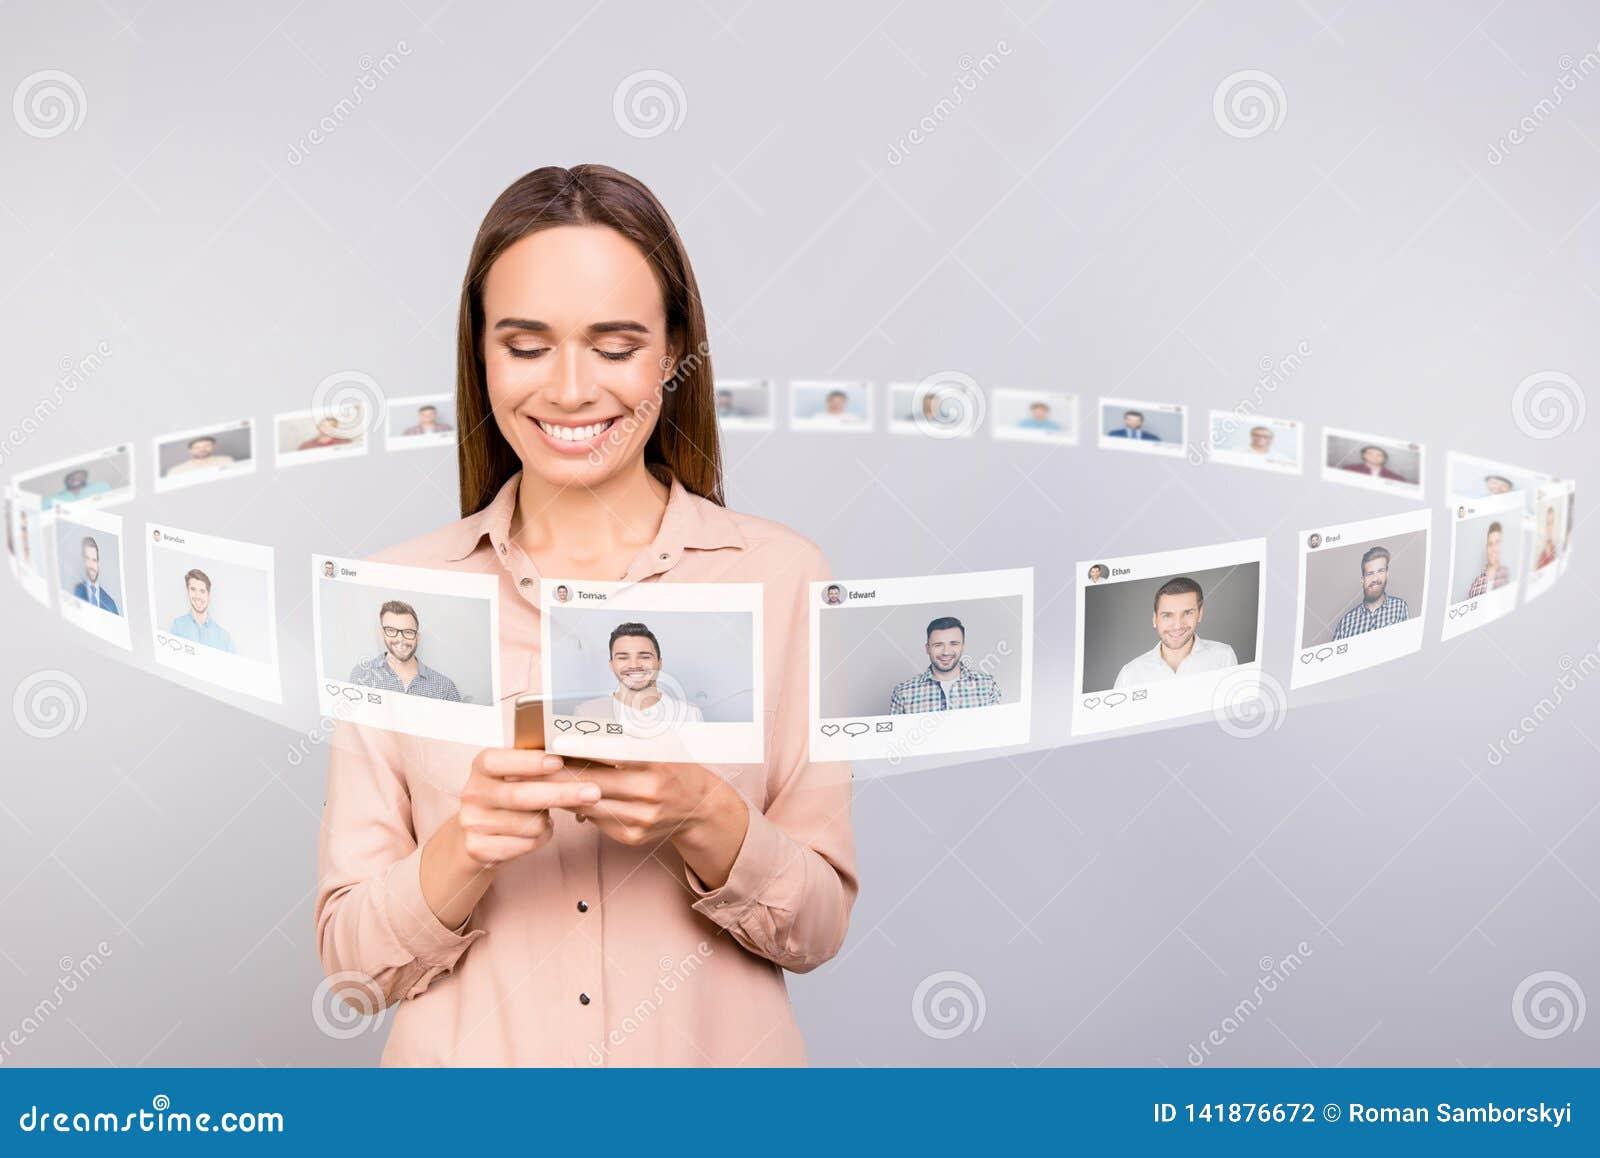 Κλείστε επάνω τον αναγνώστη φωτογραφιών αυτή το τηλεφωνικό μετα μερίδιο επιστολών ηλεκτρονικού ταχυδρομείου μερών γυναικείου ελέγ